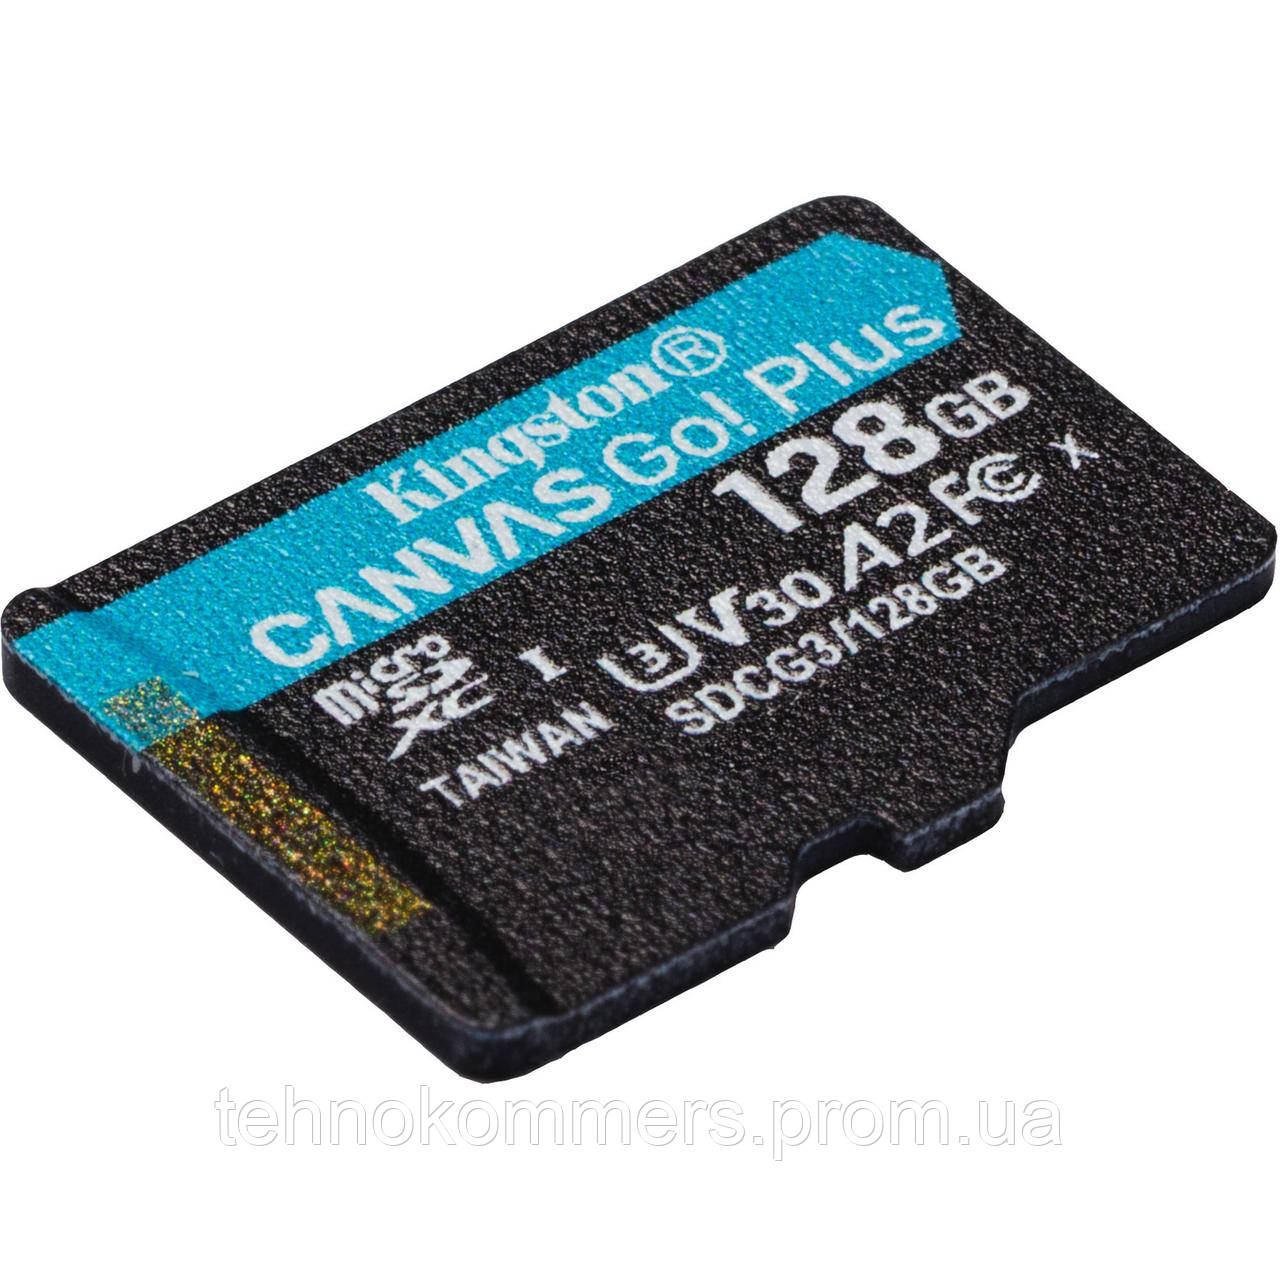 Карта пам'яті Kingston 128GB Class 10 V30 W-90MB/s Без адаптера